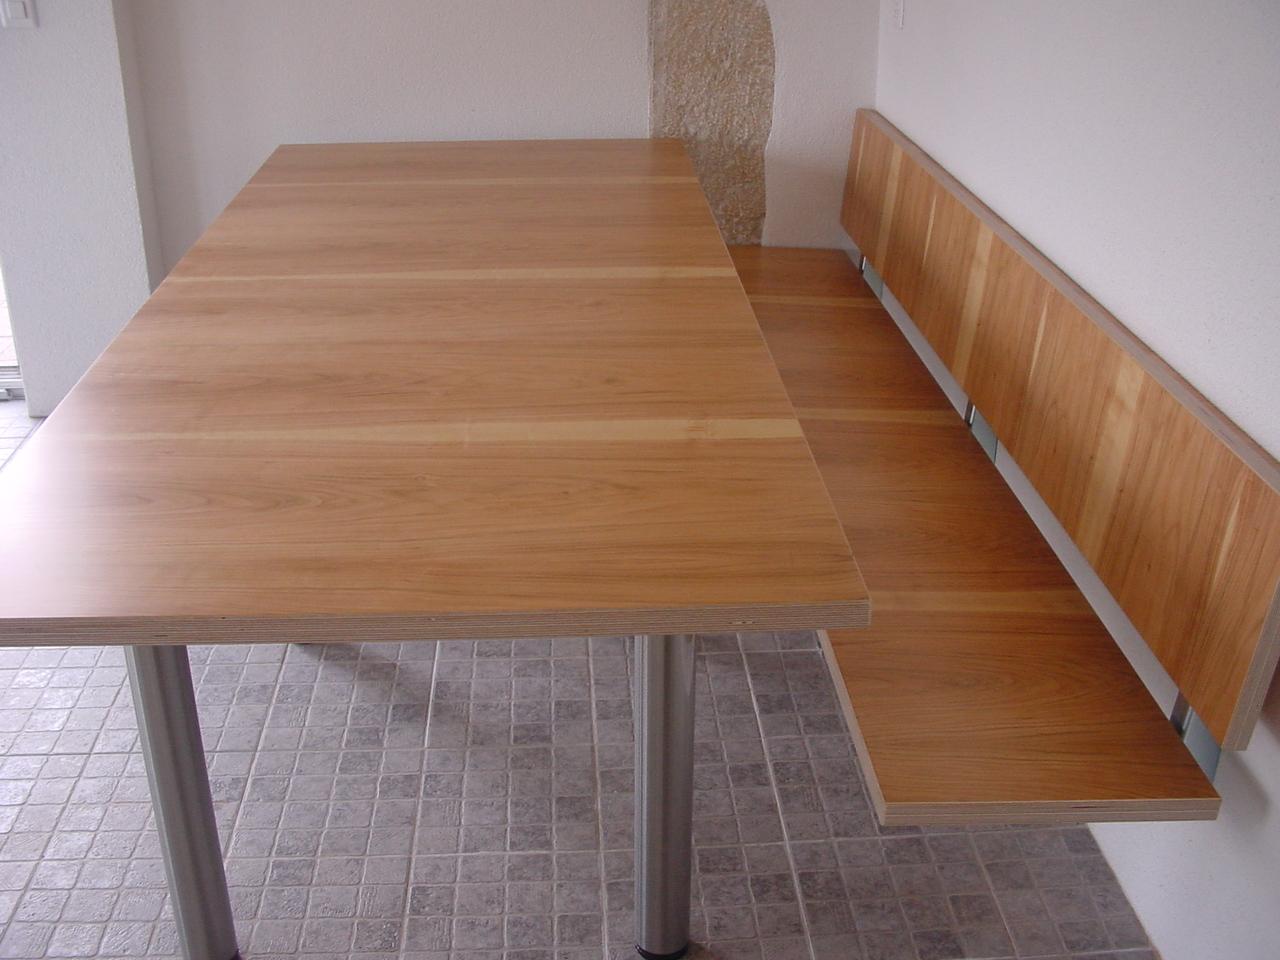 fessler gmbh tische eckb nke schreibtische esstische grenchen solothurn bucheggberg. Black Bedroom Furniture Sets. Home Design Ideas